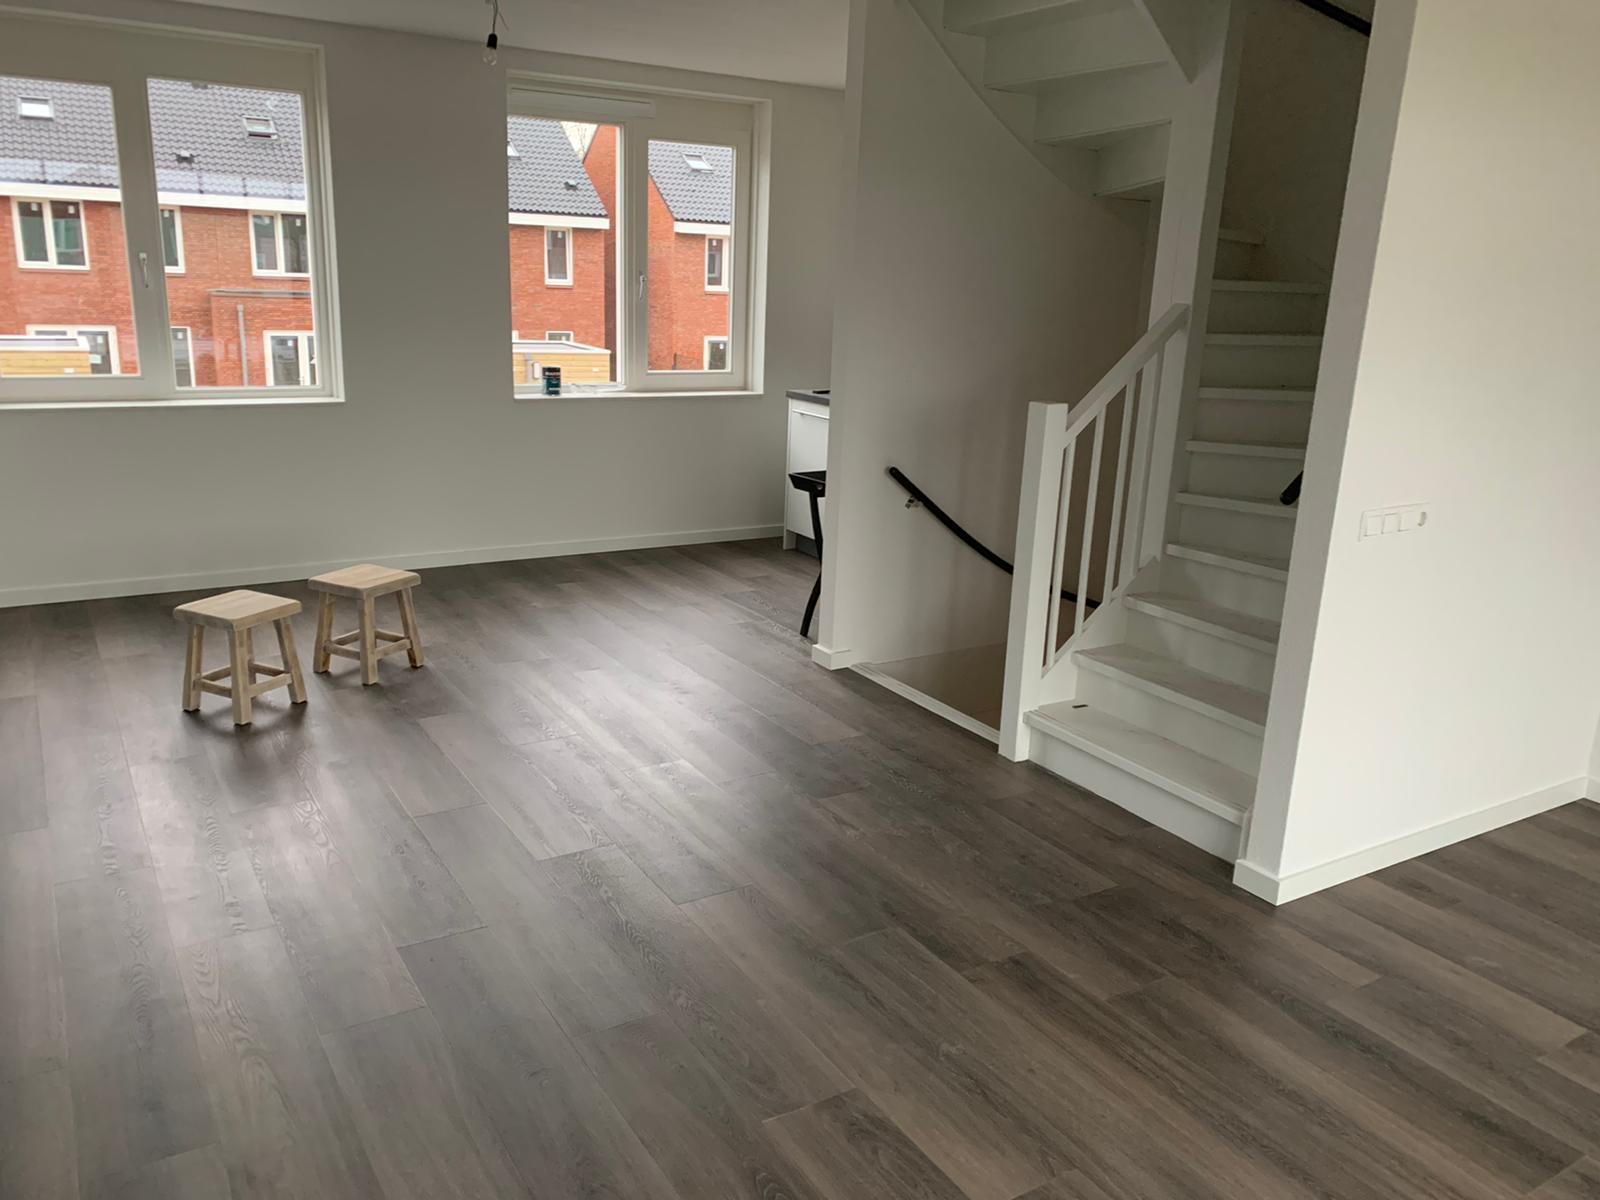 Vloer-in-Groningen-woonkamer